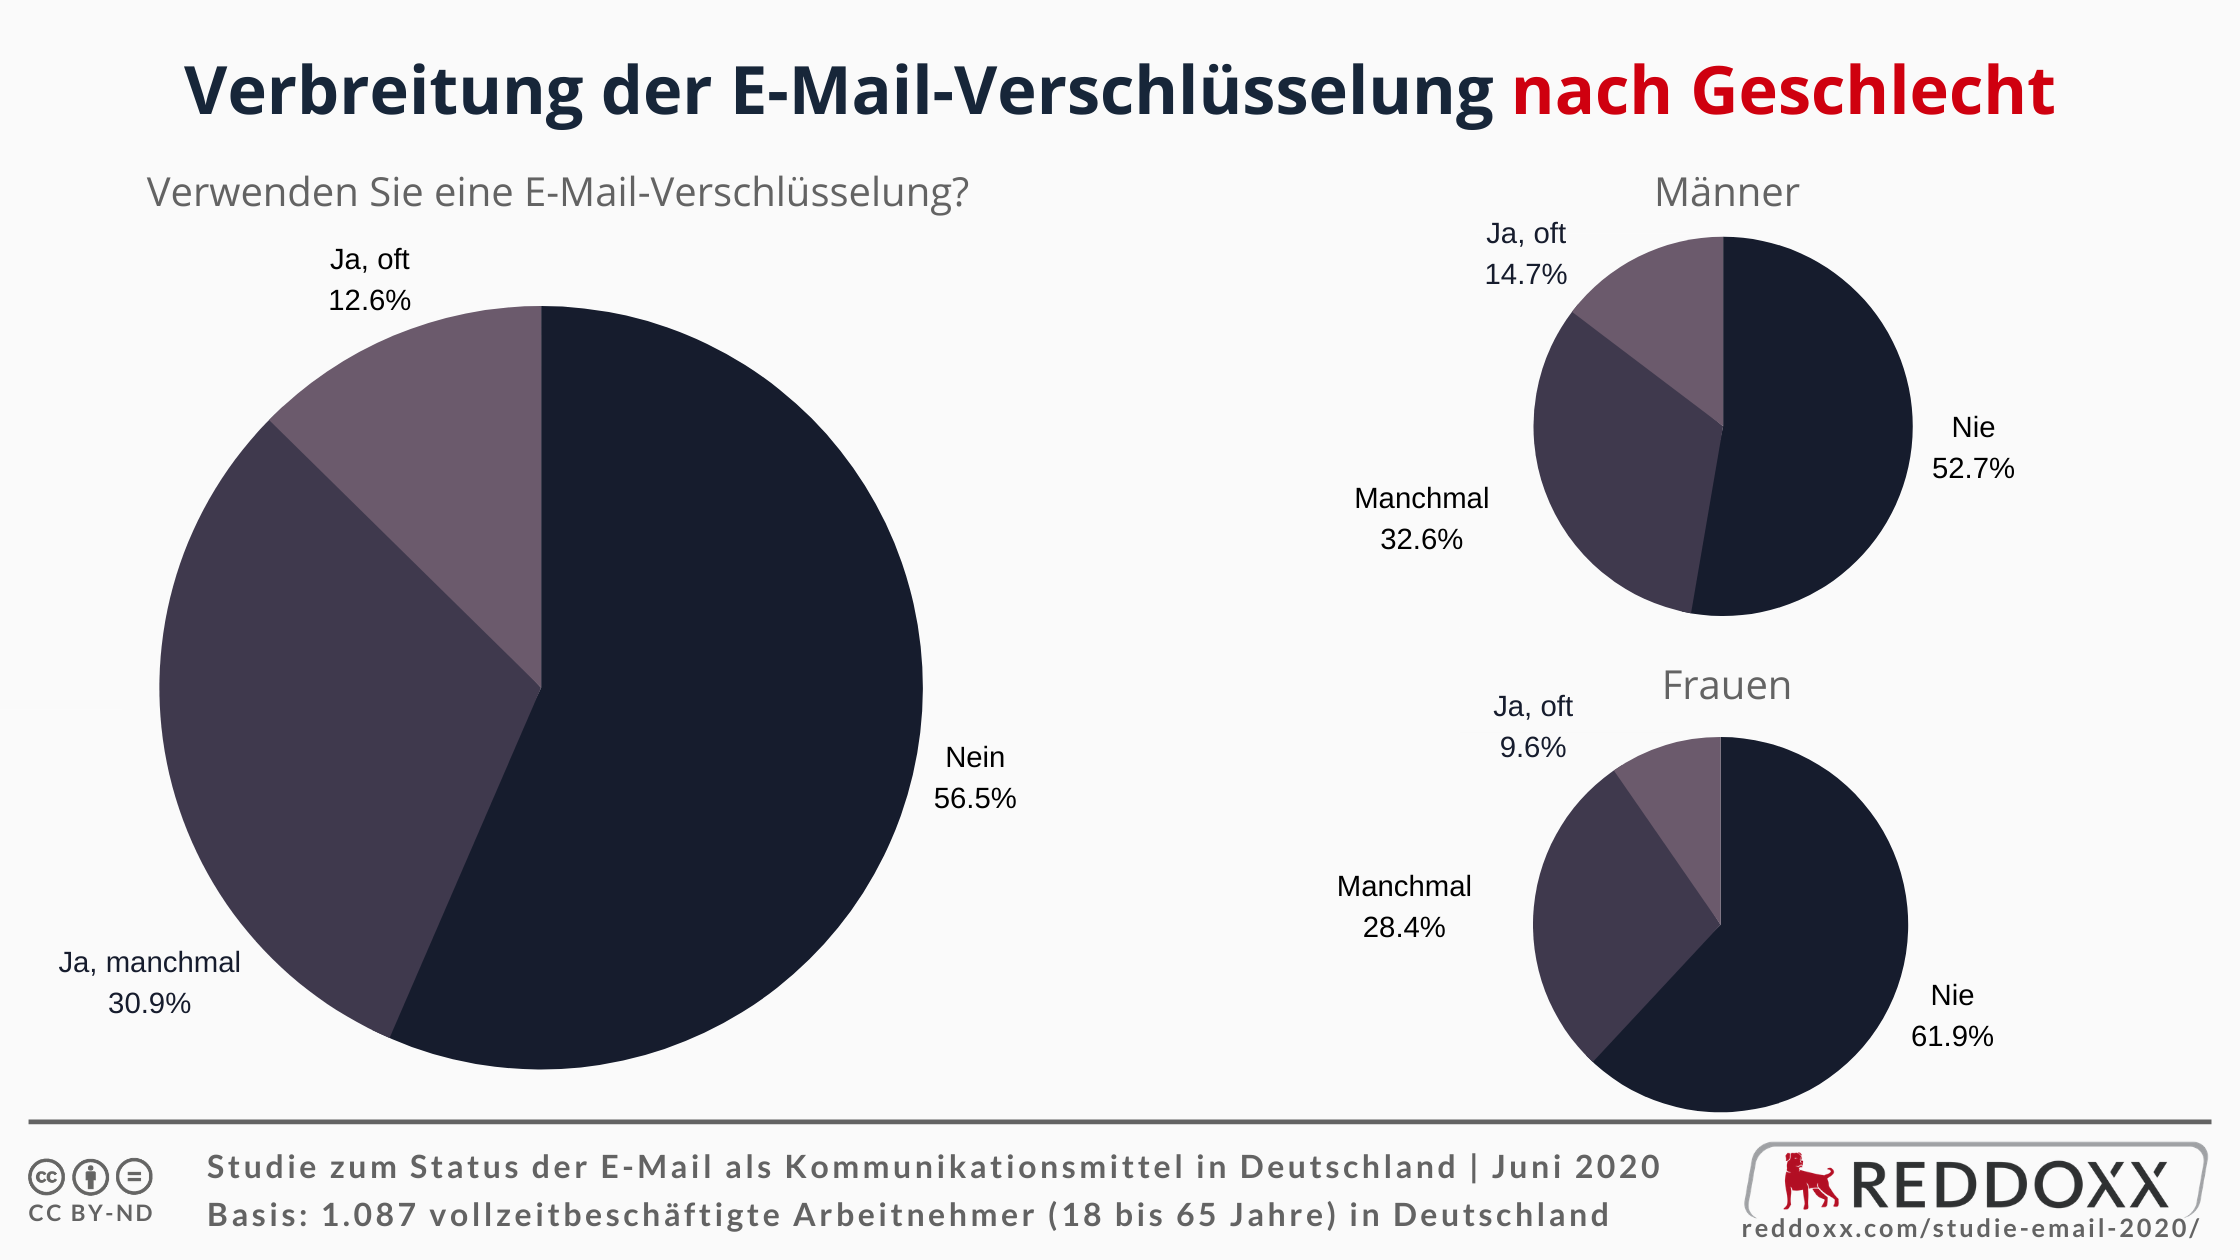 Verbreitung der E-Mail-Verschlüsselung nach Geschlecht